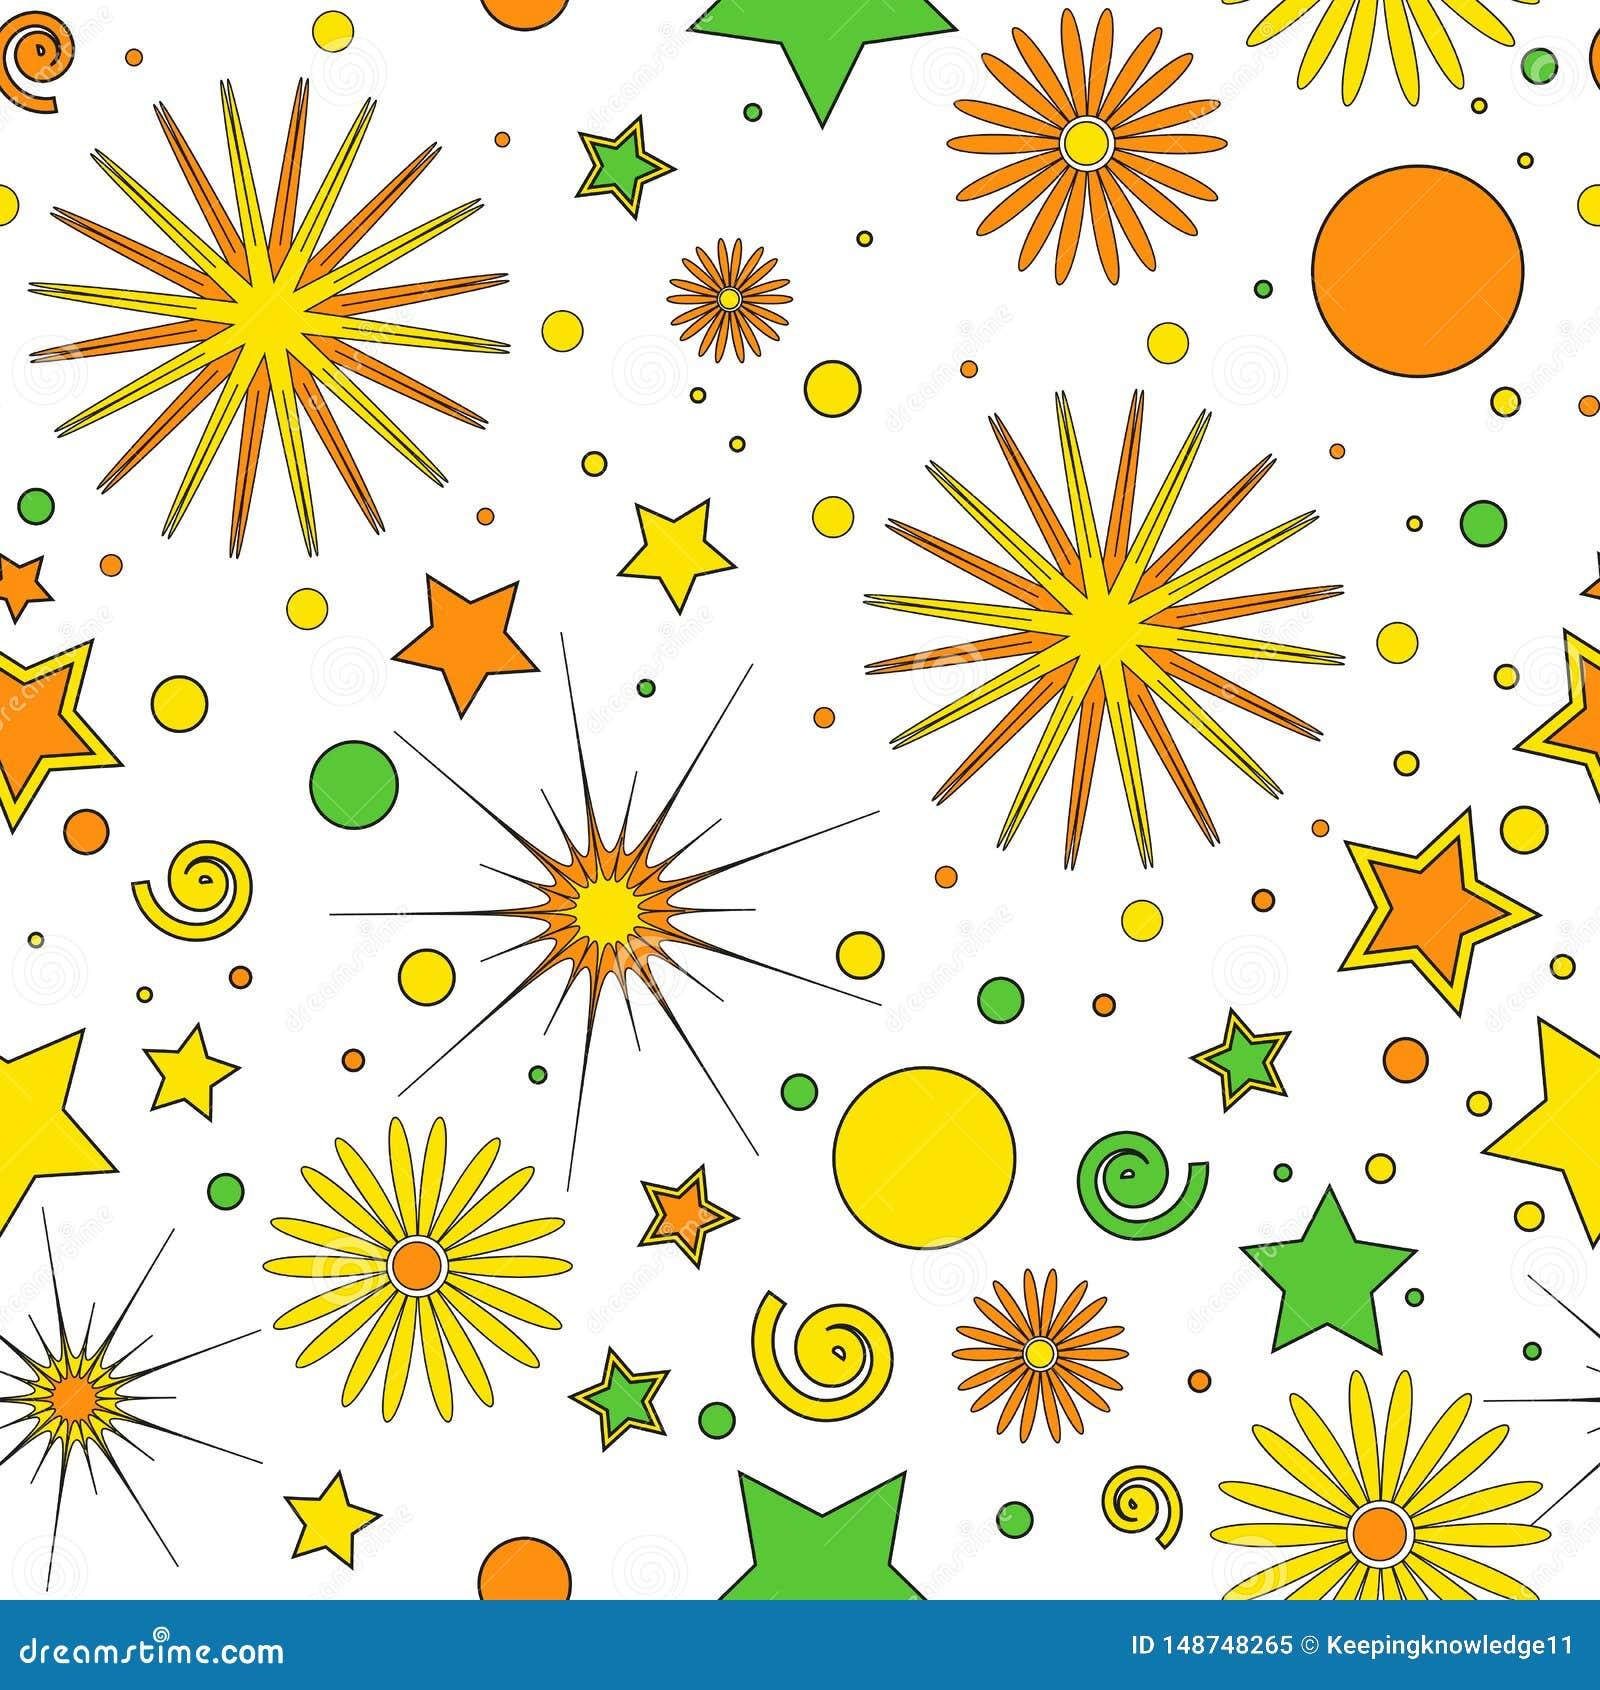 Nahtloses Muster f?r die Einzelteile der Kinder von orangegelben und gr?nen Punkten, Sterne, Locken und Blumen, auf einem wei?en